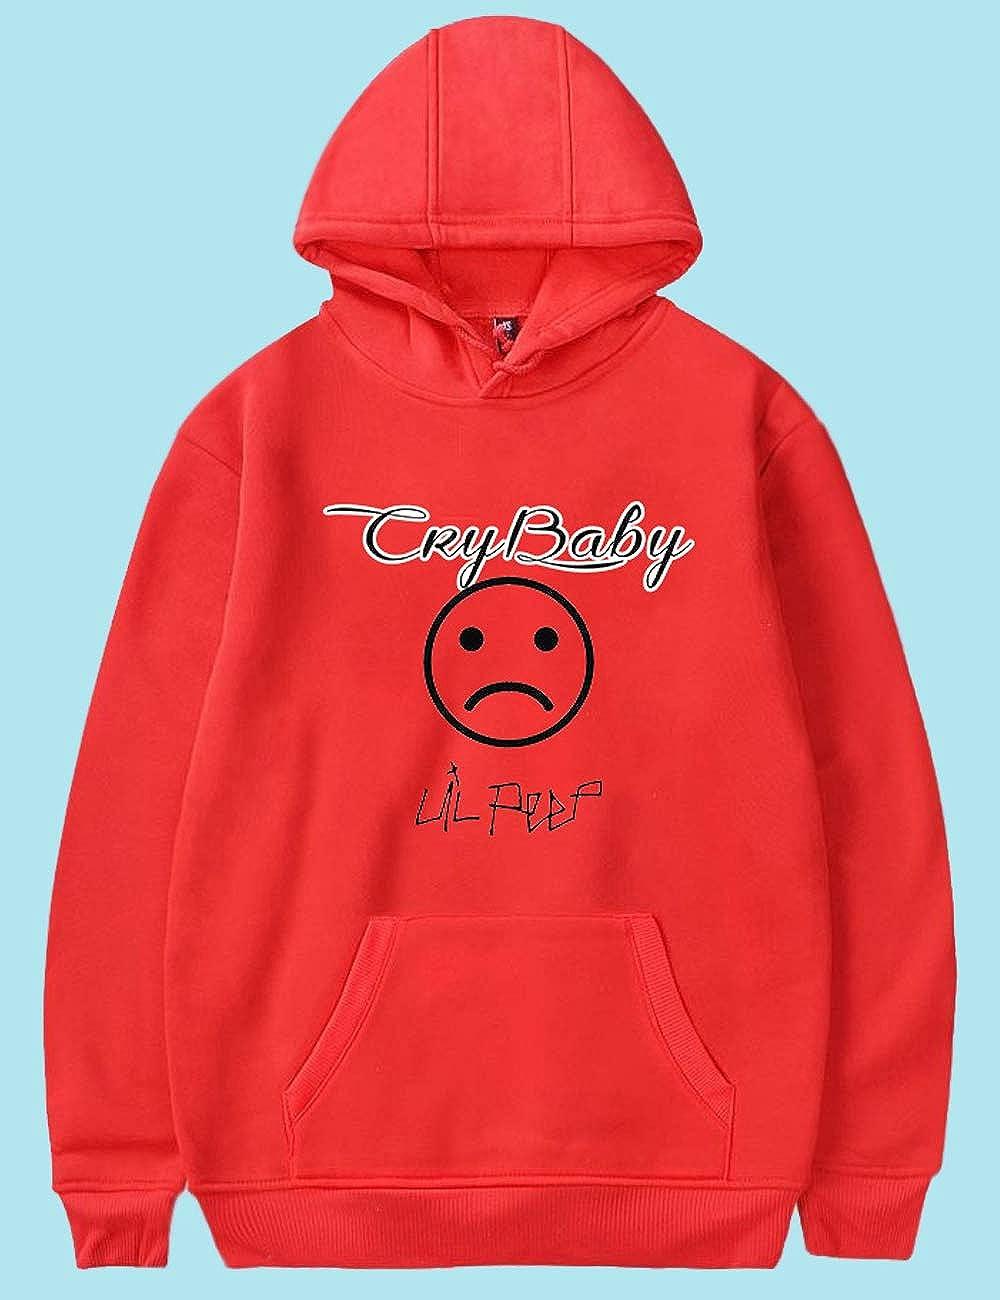 Lil Peep Hoodie Damen Unisex Herren M/änner Hellboy Cry Baby 3D Druck Pullover Teenager M/ädchen Lil Peep Hoodie Brief Drucken Sweatshirt Kinder Pulli Kapuzenpullover Shirt Merch